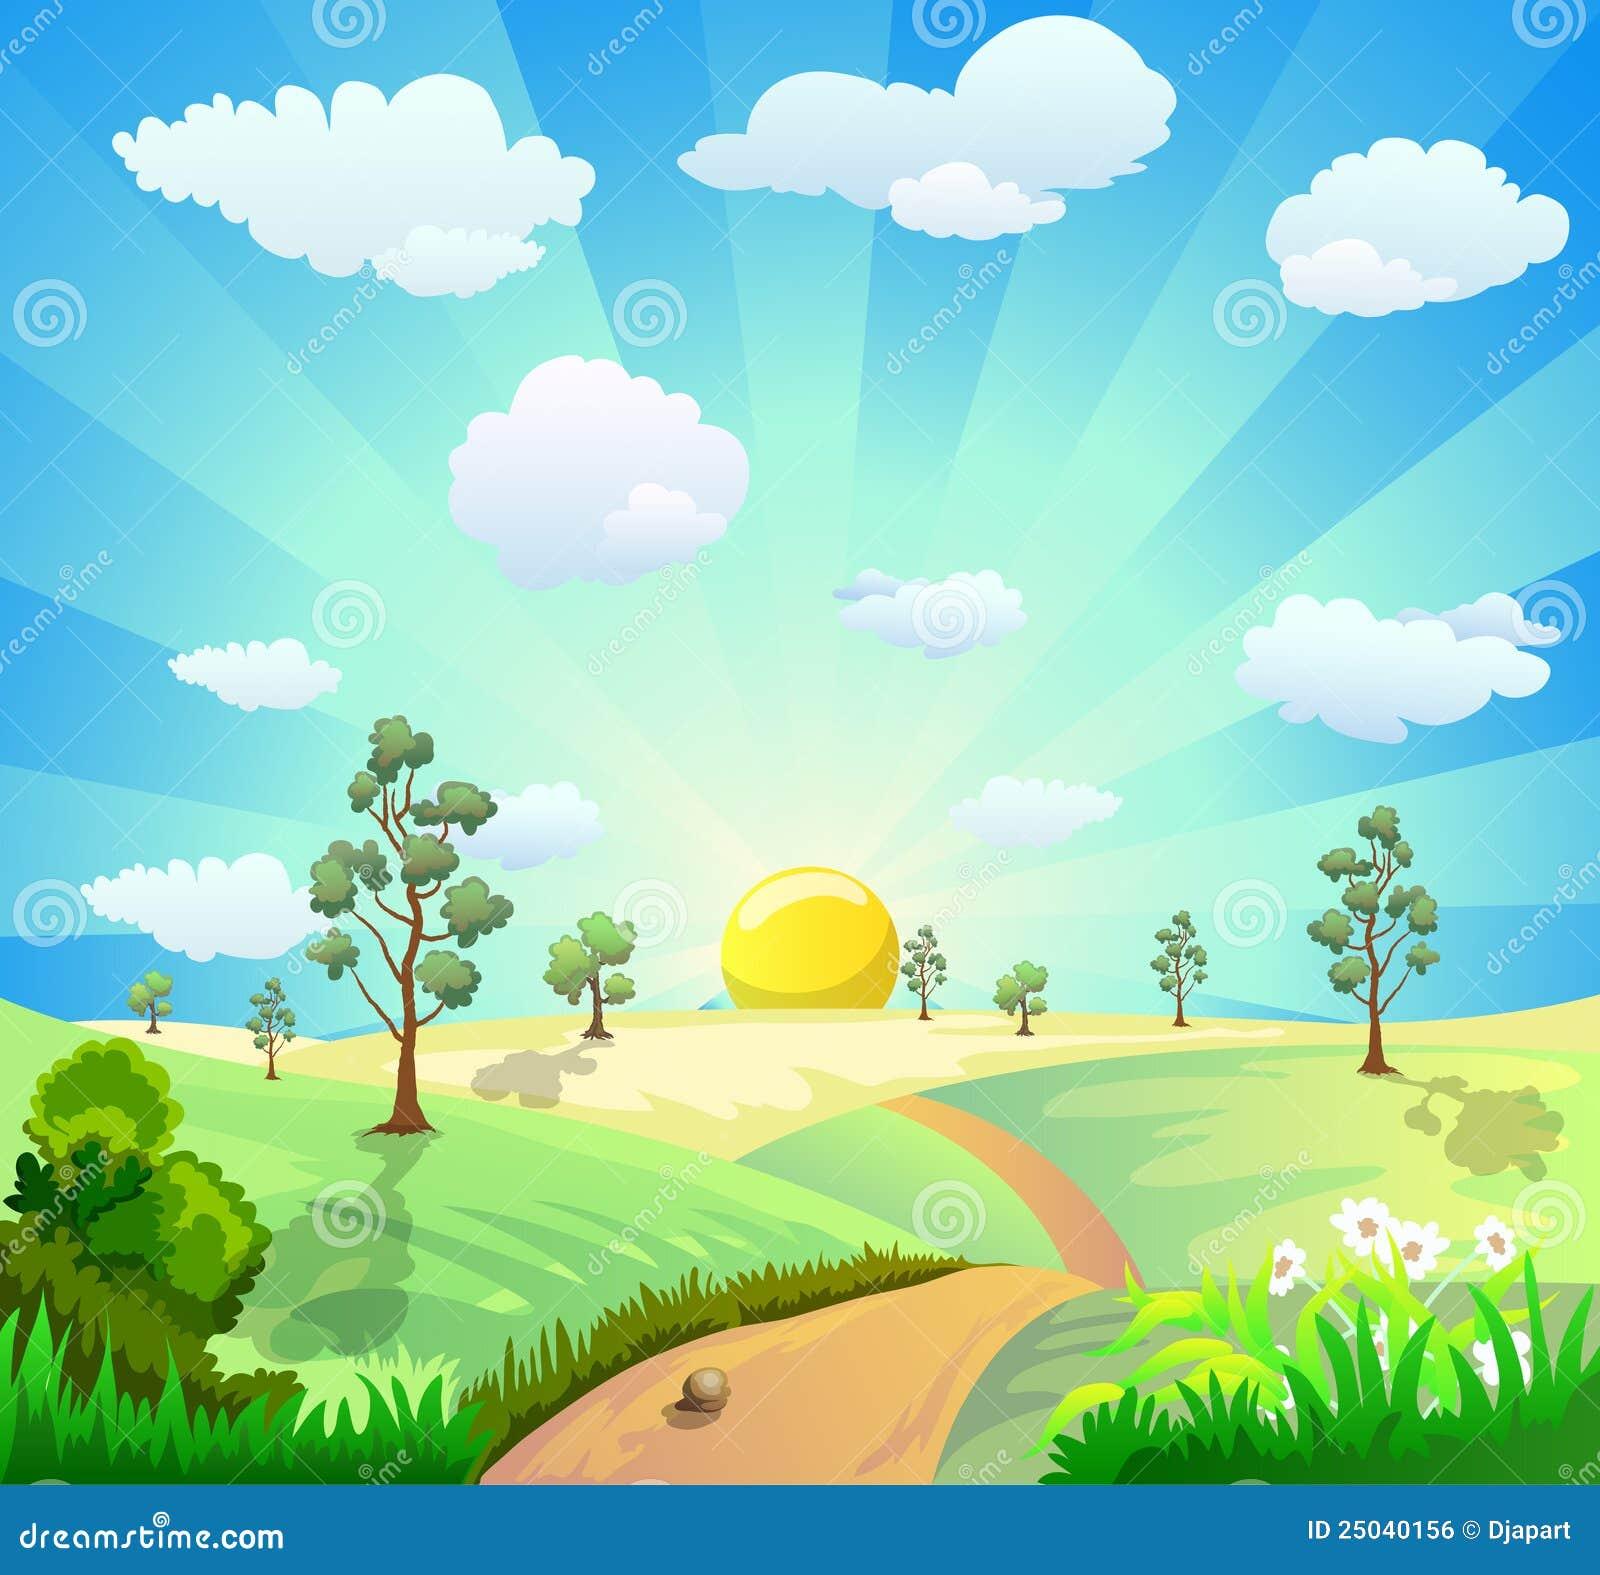 Cartoon Landscape Background Royalty Free Stock Image